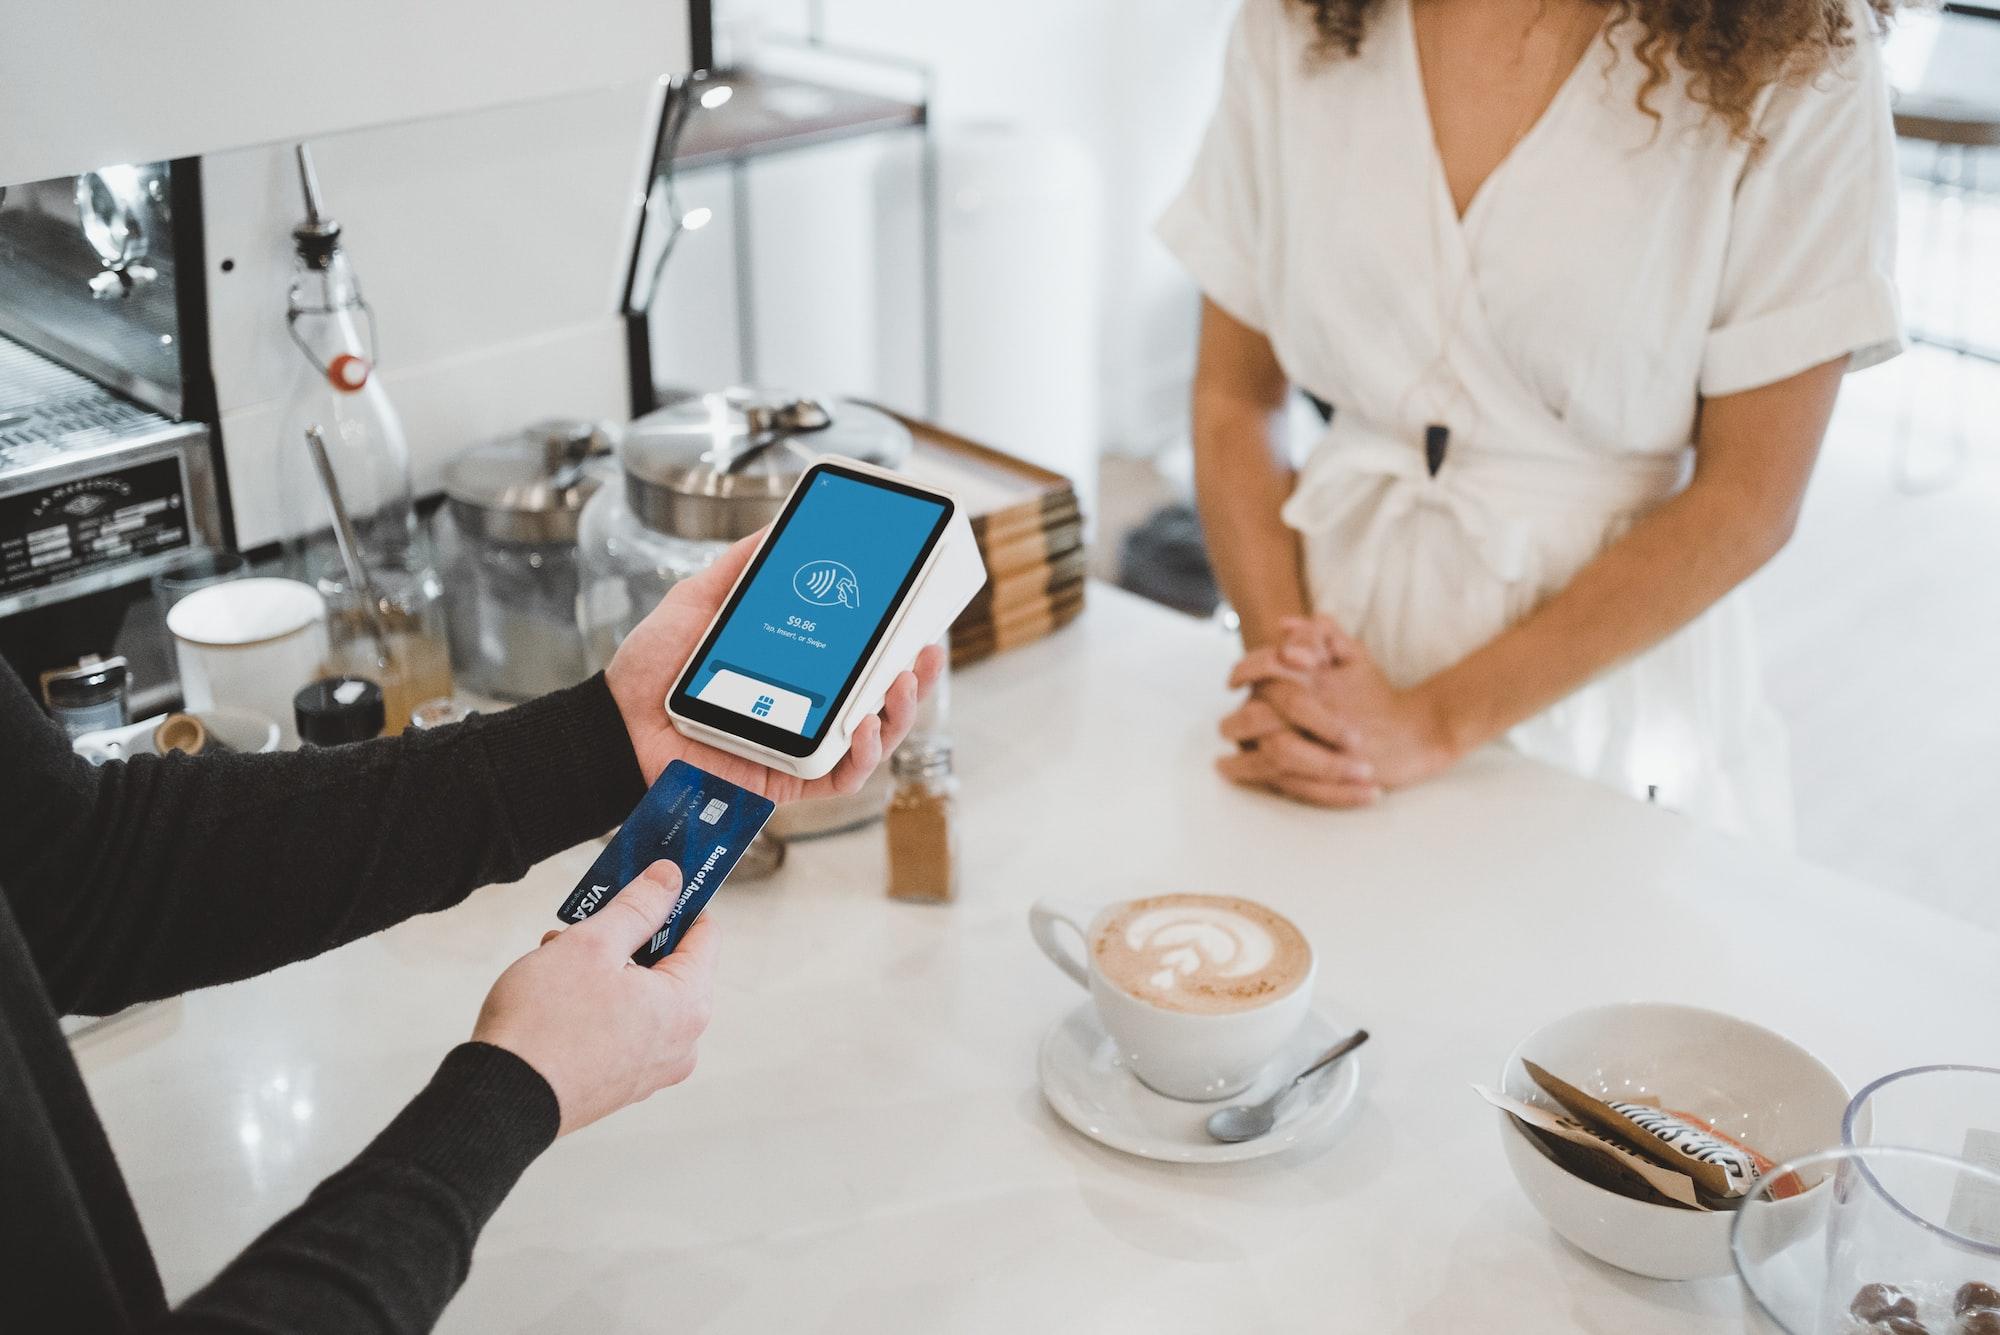 Как работают системы безопасности кредитных карт